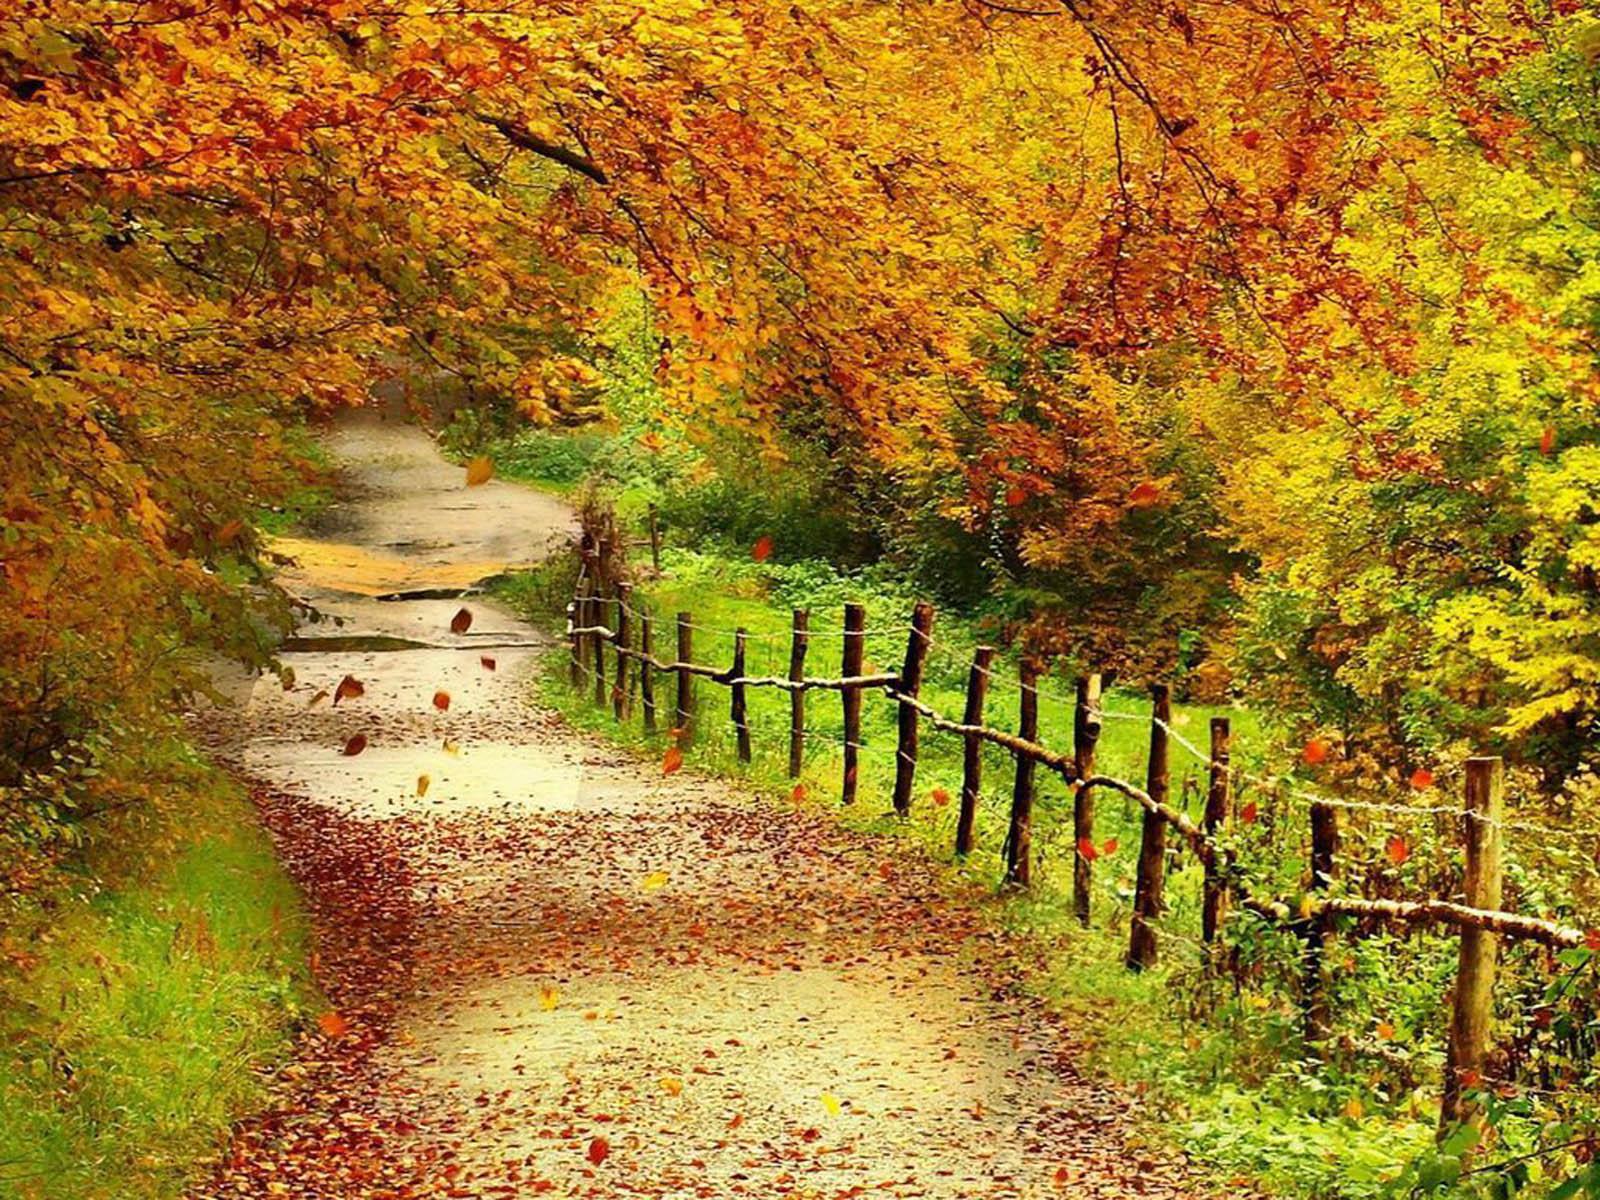 Beautiful Autumn Scenery Wallpapers   Desktop Wallpapers 1600x1200